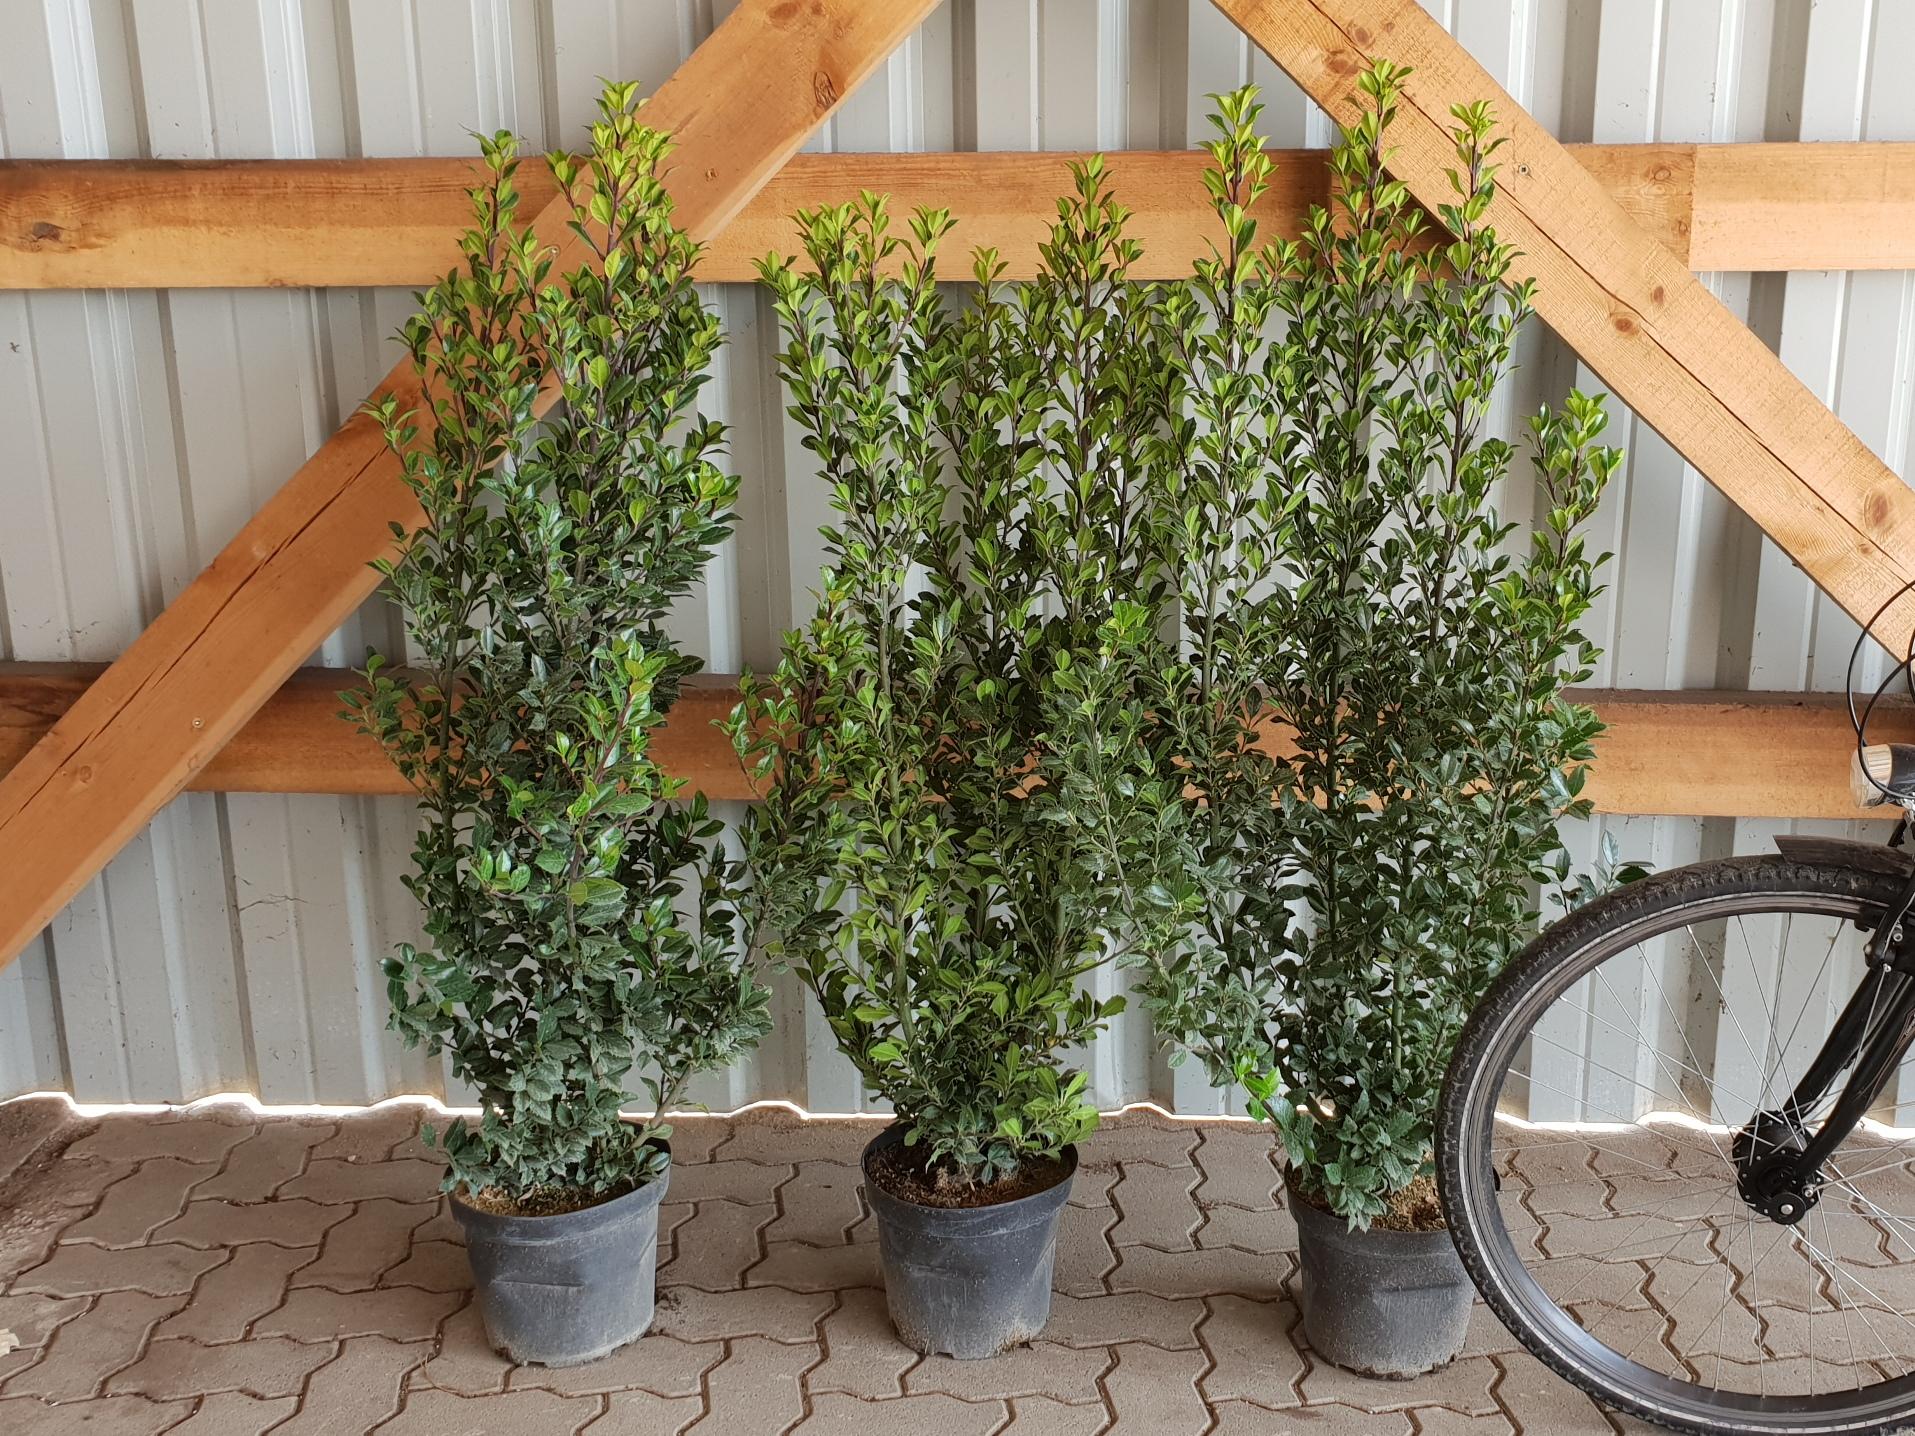 pflanzen mit anwachsgarantie ilex heckenstar stechpalme hier g nstig kaufen. Black Bedroom Furniture Sets. Home Design Ideas